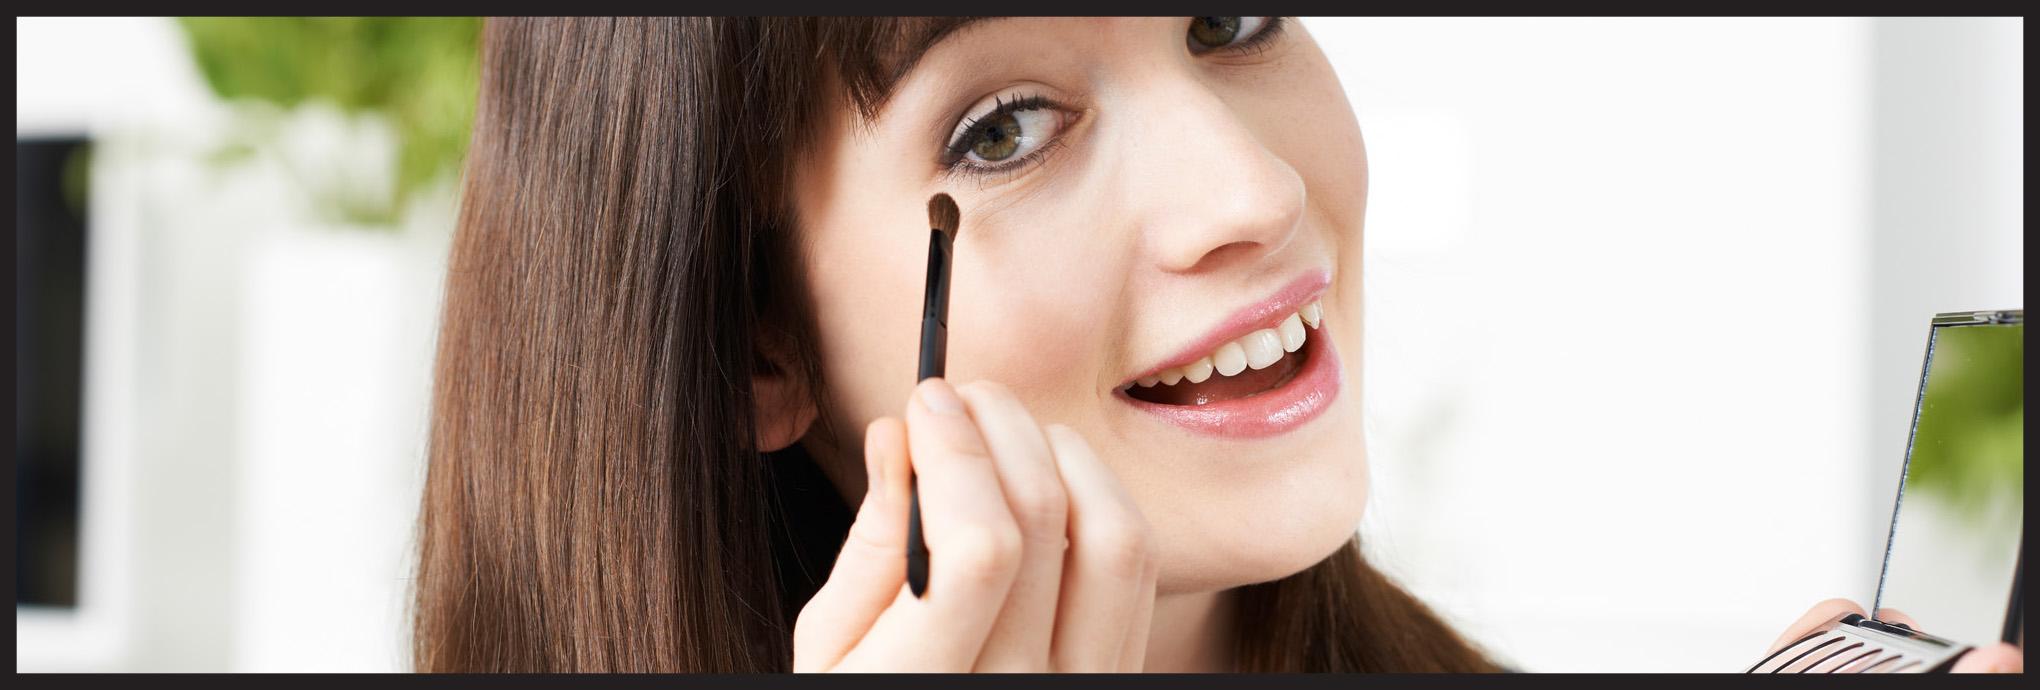 WMI_Makeup_Header-1.jpg